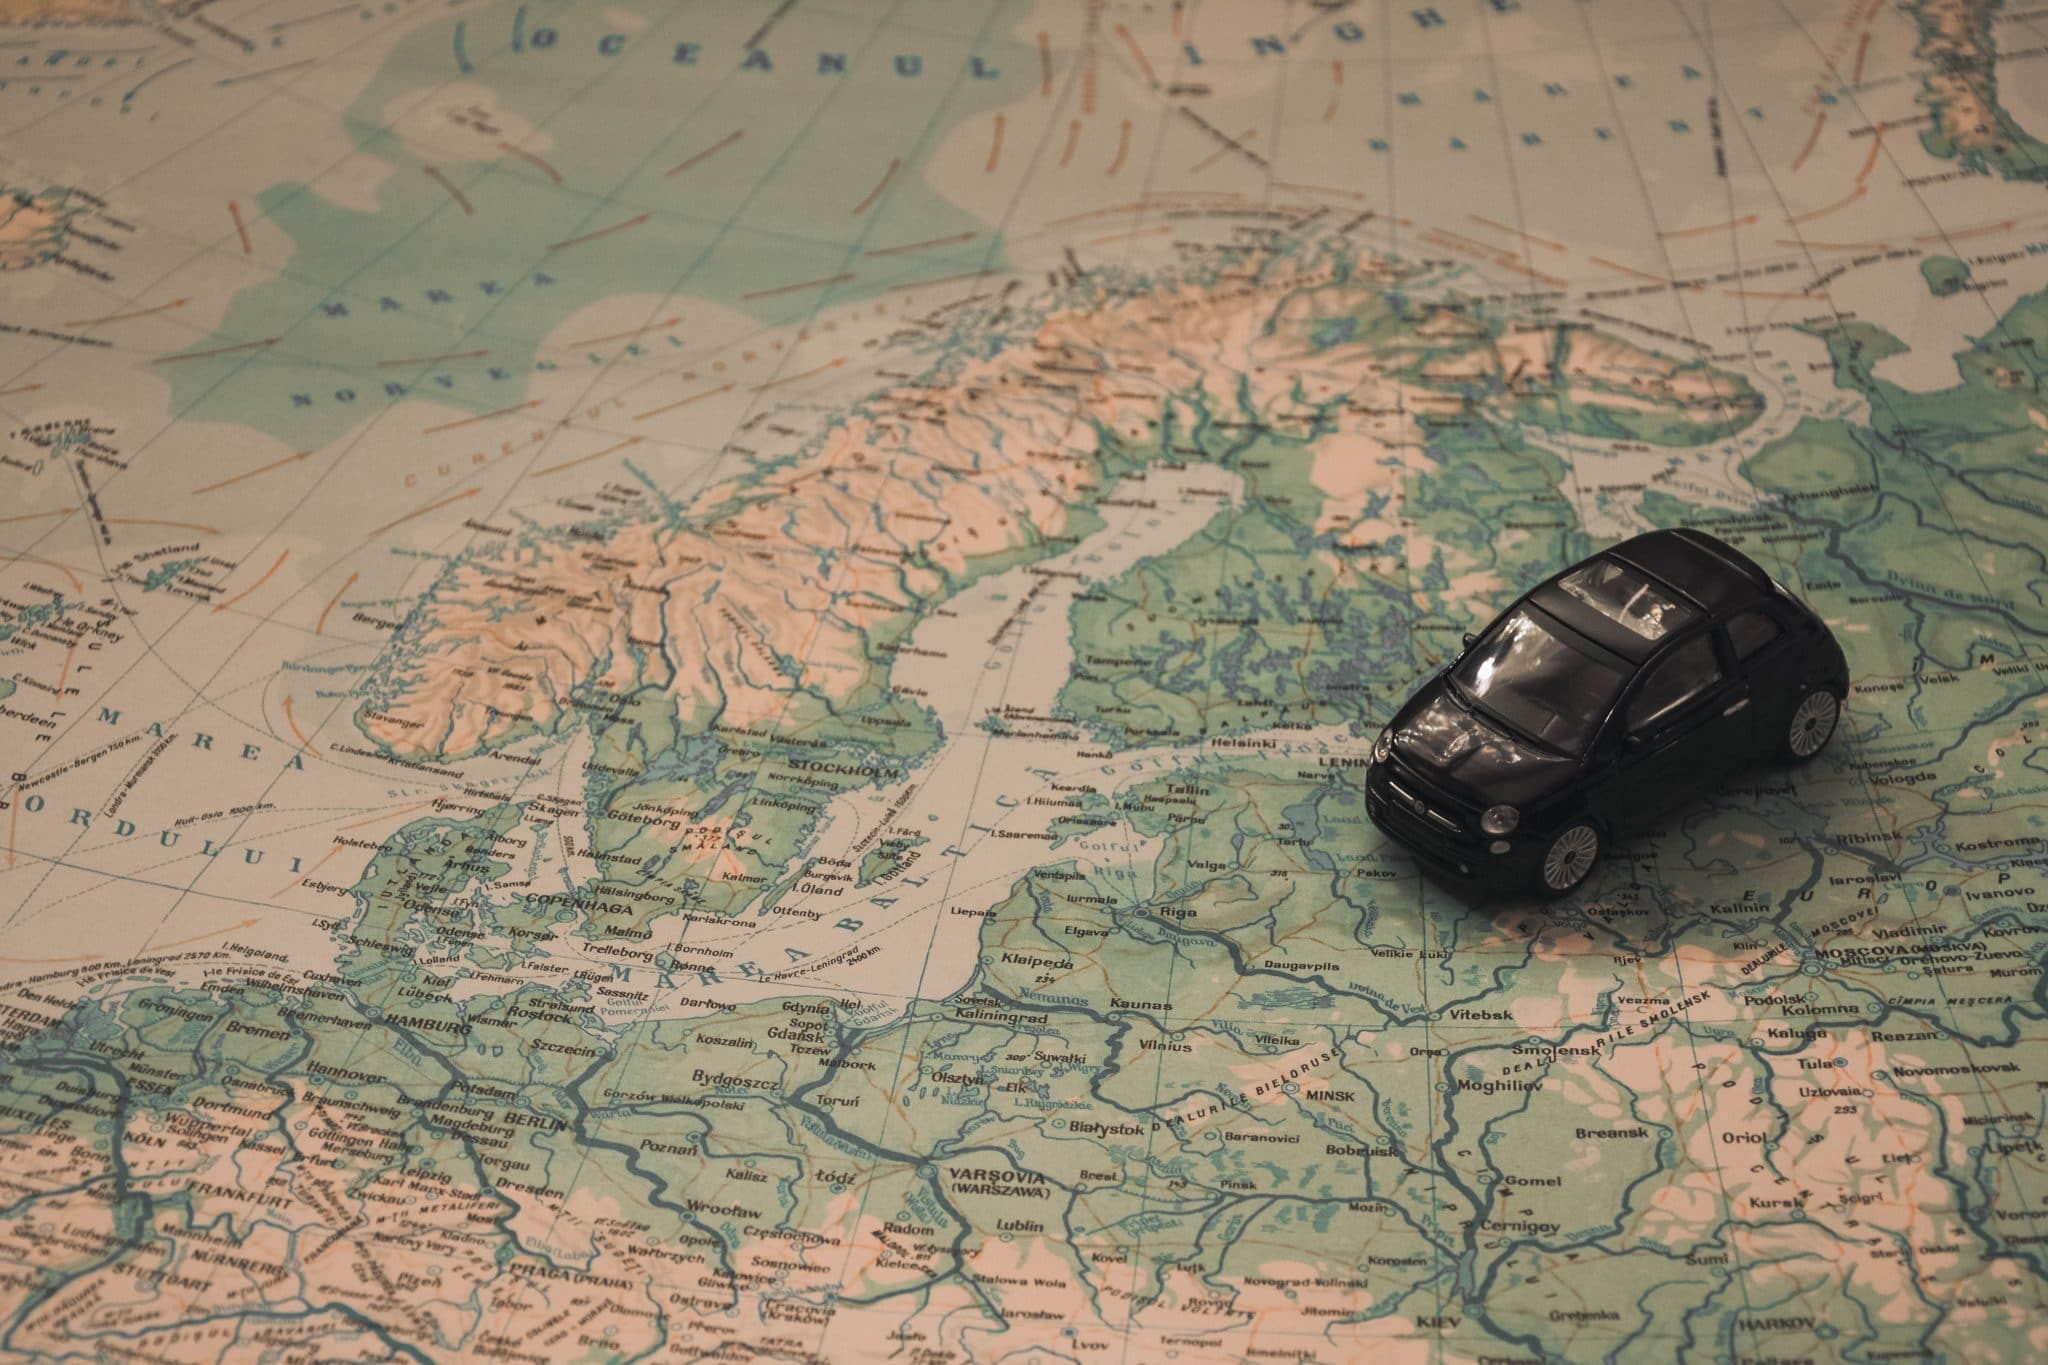 Gestion de flotte automobile : 10 millions de véhicules actifs en Europe d'ici 2020